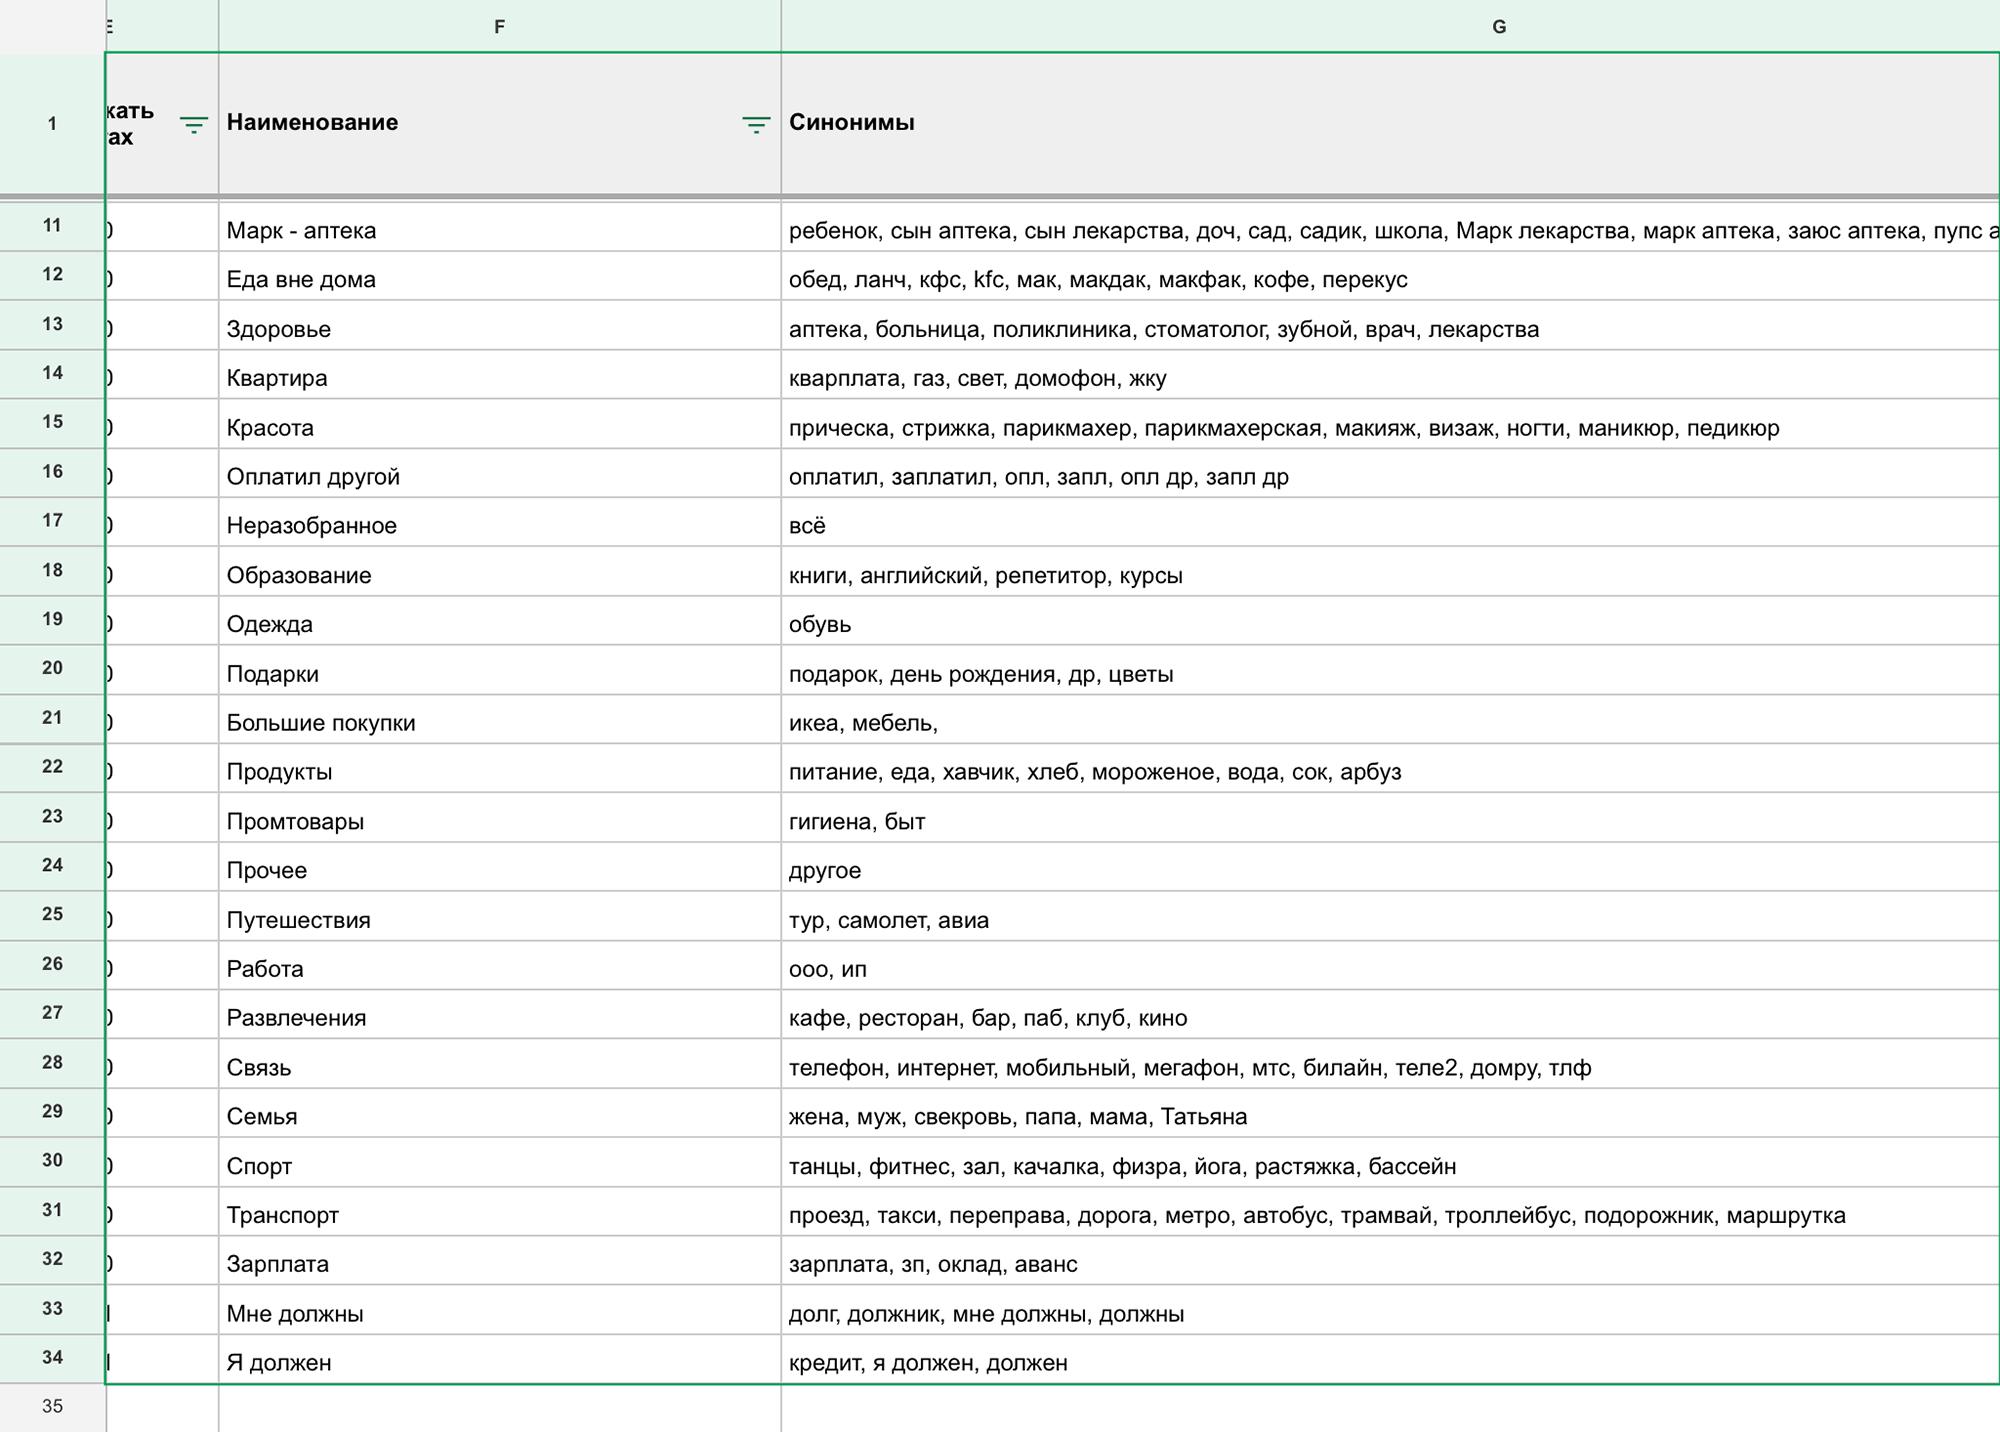 Это список категорий в таблице. Слева — основное название, справа — синонимы. Чтобы писать быстро, вместо «продукты» я пишу «еда», бот сам понимает, о чем речь, и заносит расход в колонку с продуктами